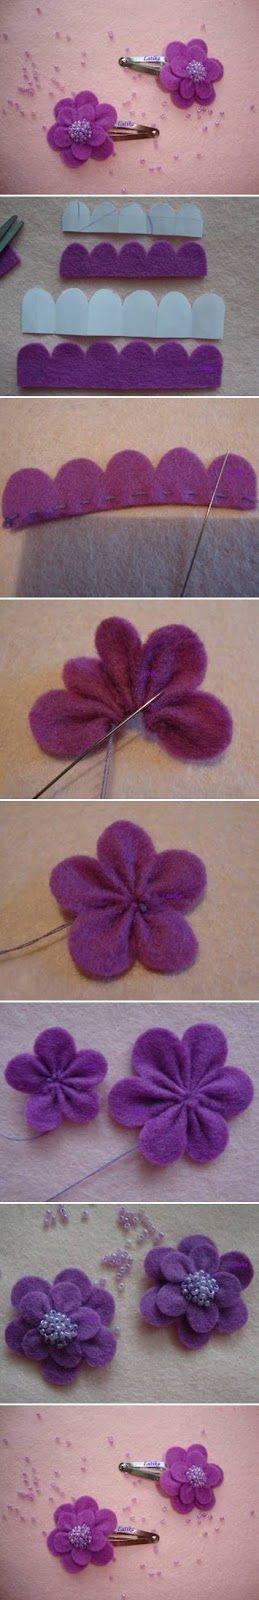 Tutoriales y DIYs: DIY -  Flor de fieltro